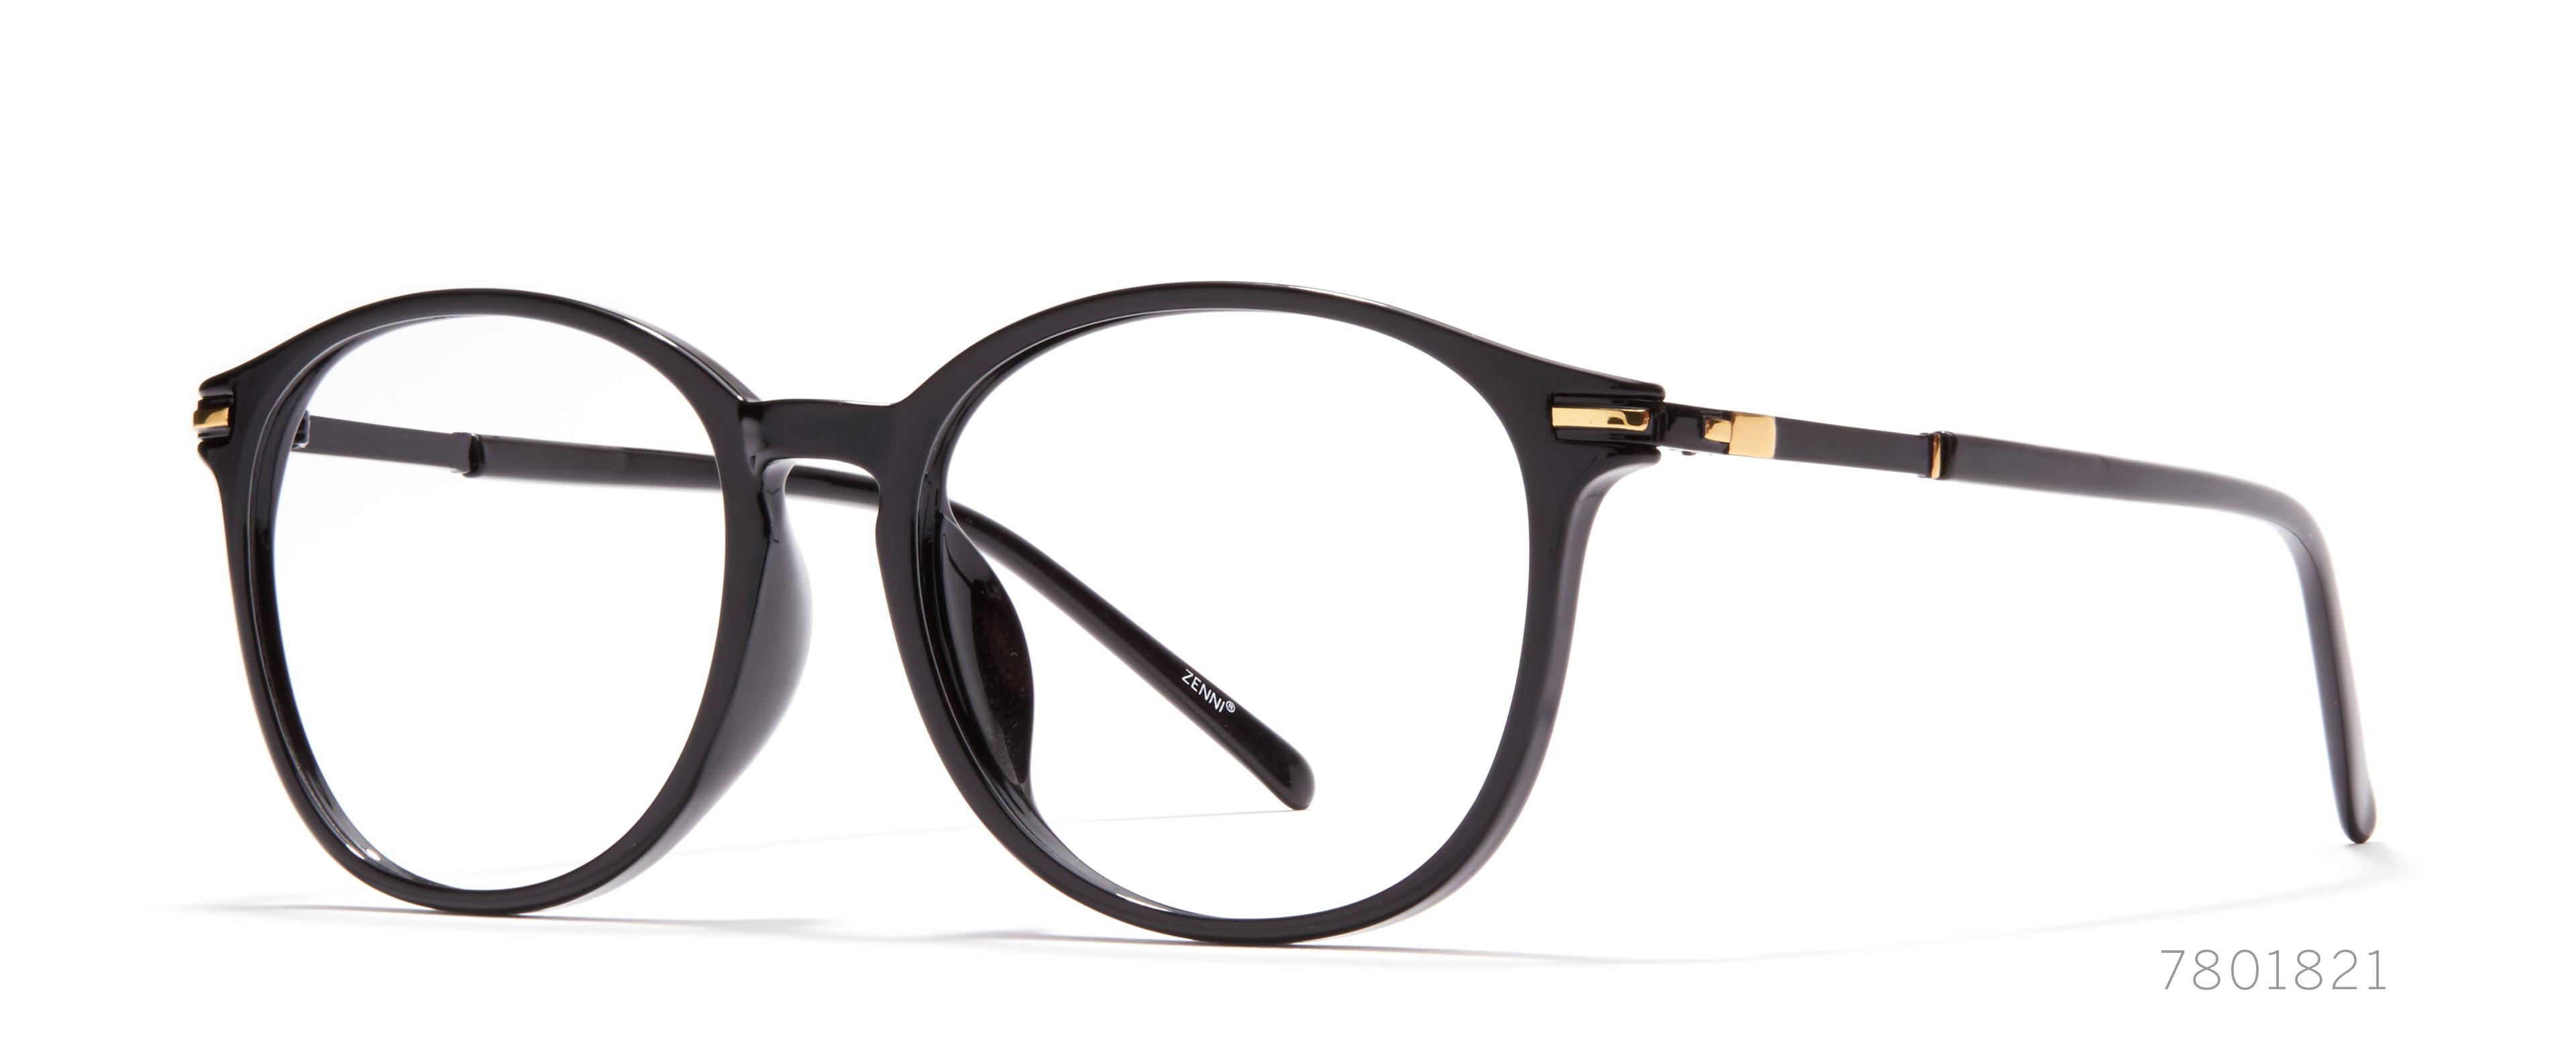 round-black eyeglasses